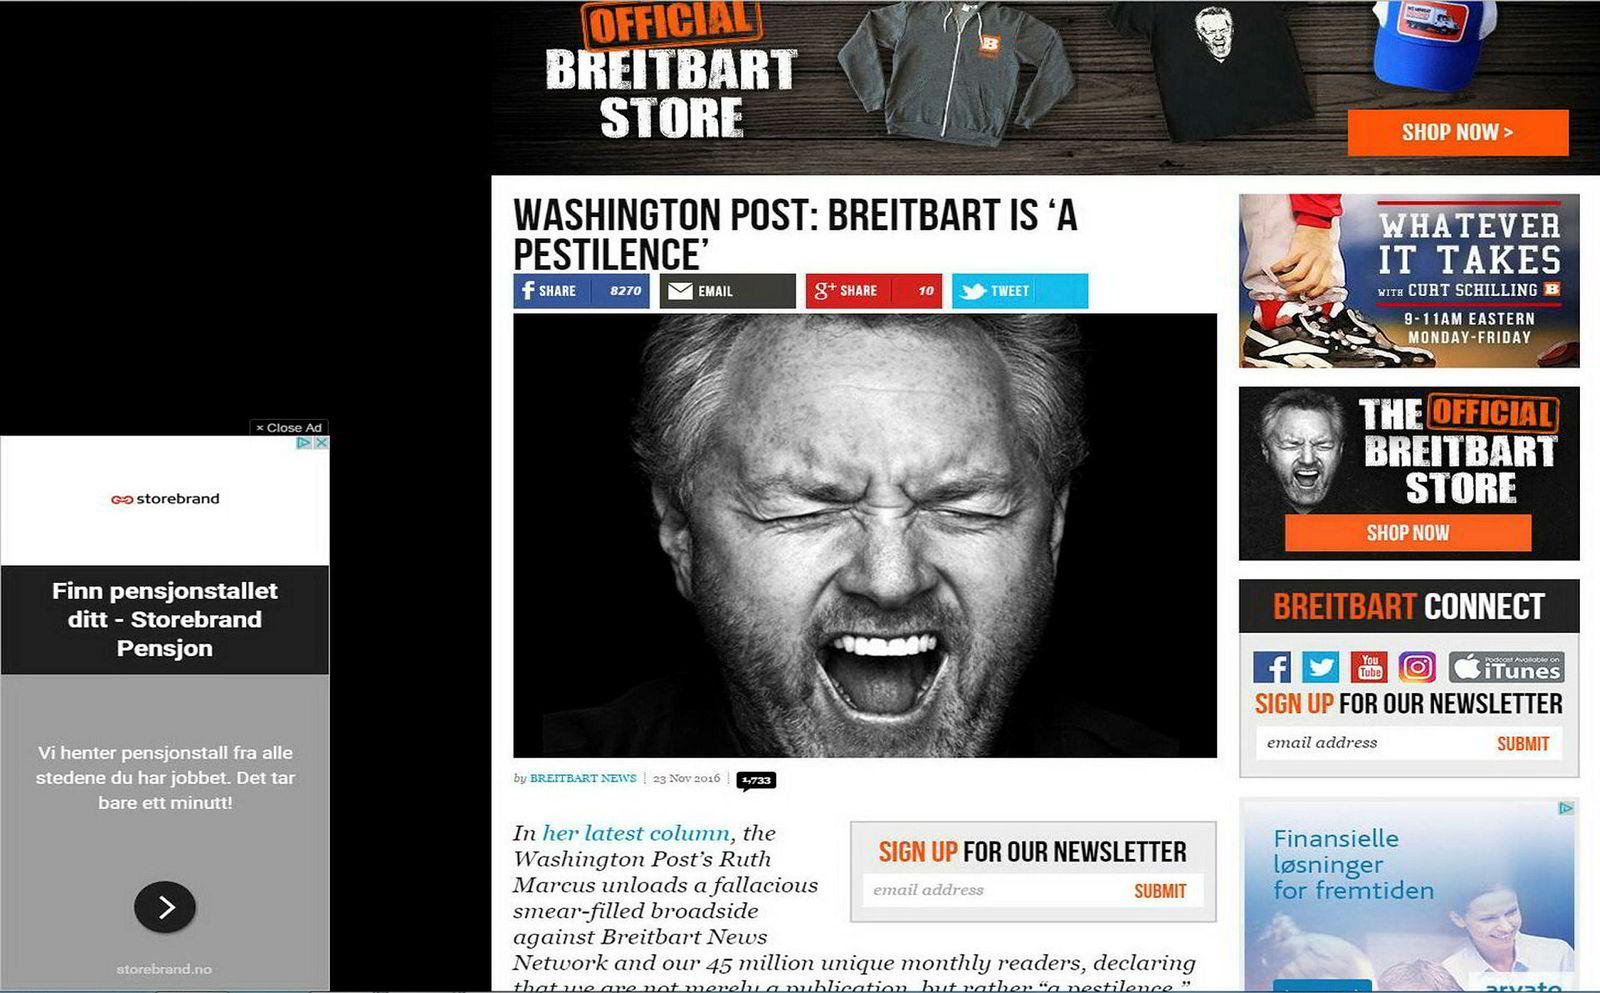 Storebrand-annonse på Breitbart.com.